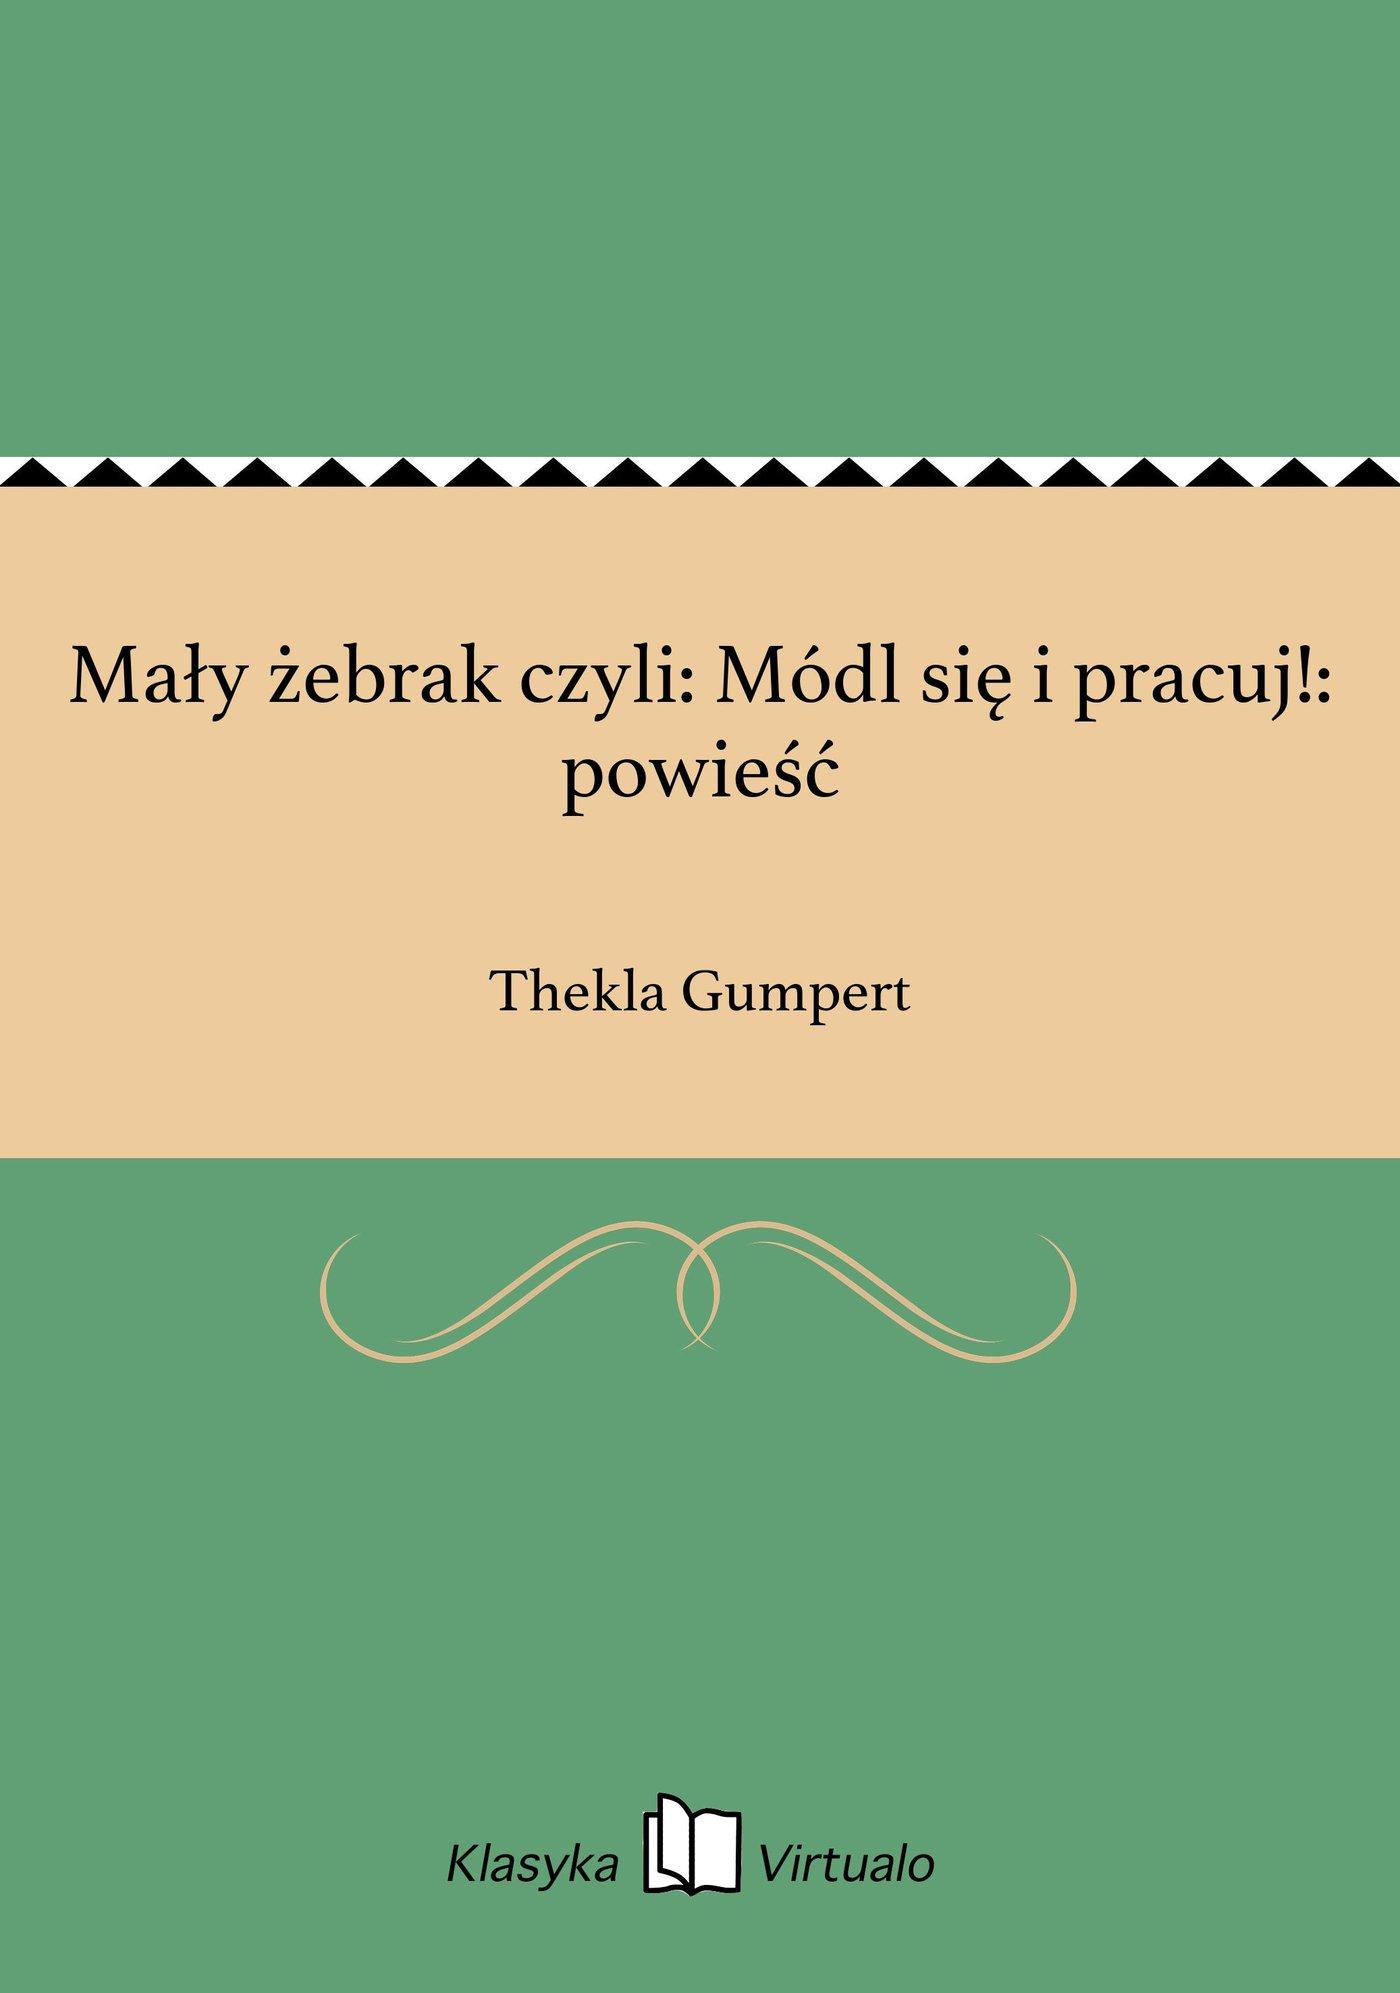 Mały żebrak czyli: Módl się i pracuj!: powieść - Ebook (Książka EPUB) do pobrania w formacie EPUB